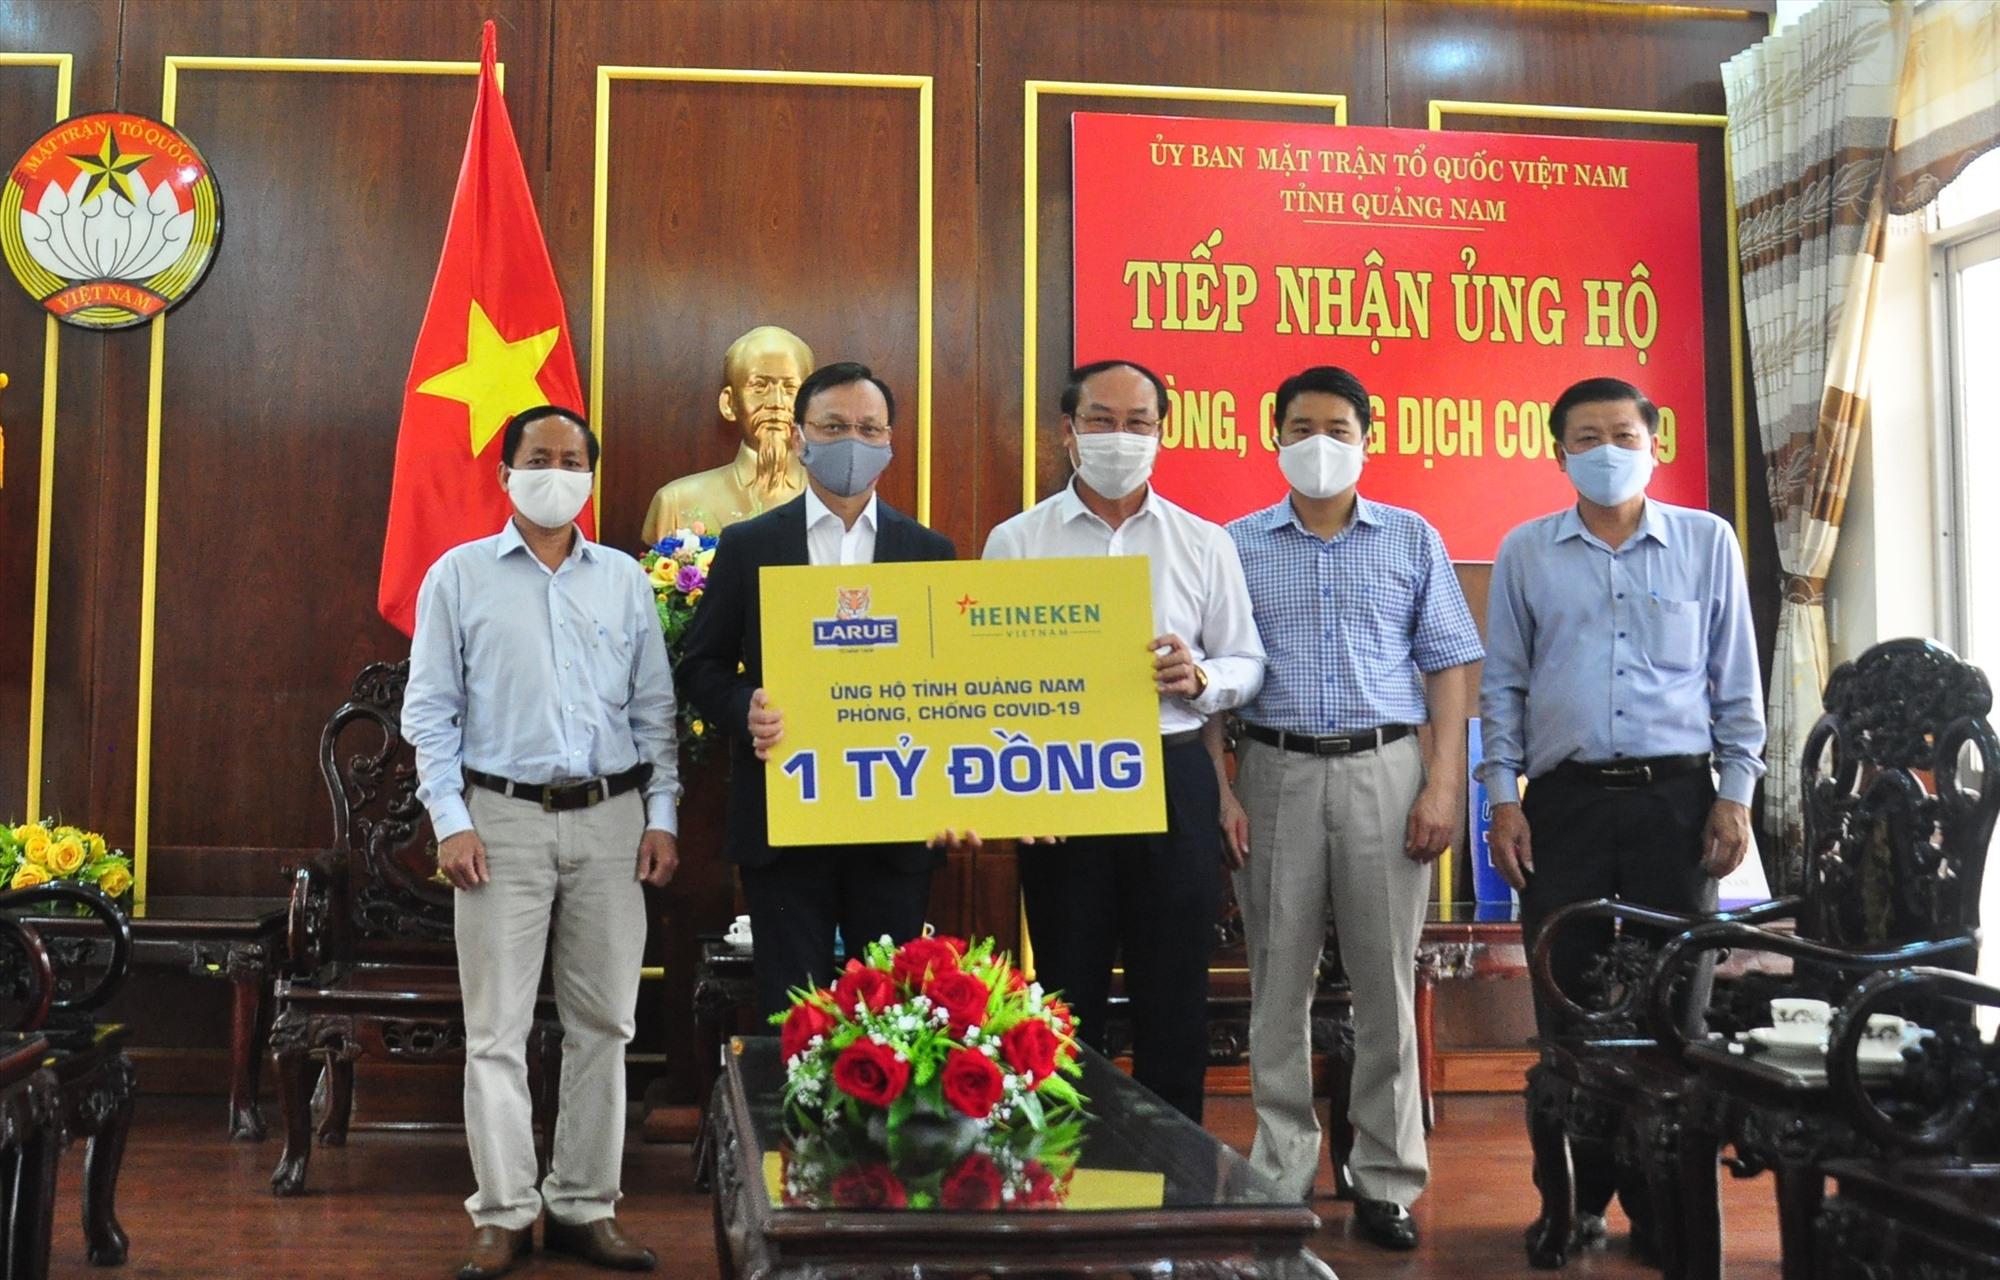 Ủy ban MTTQ Việt Nam tỉnh tiếp nhận biểu trưng ủng hộ 1 tỷ đồng từ Công ty TNHH Nhà máy bia Heineken Việt Nam. Ảnh: VINH ANH